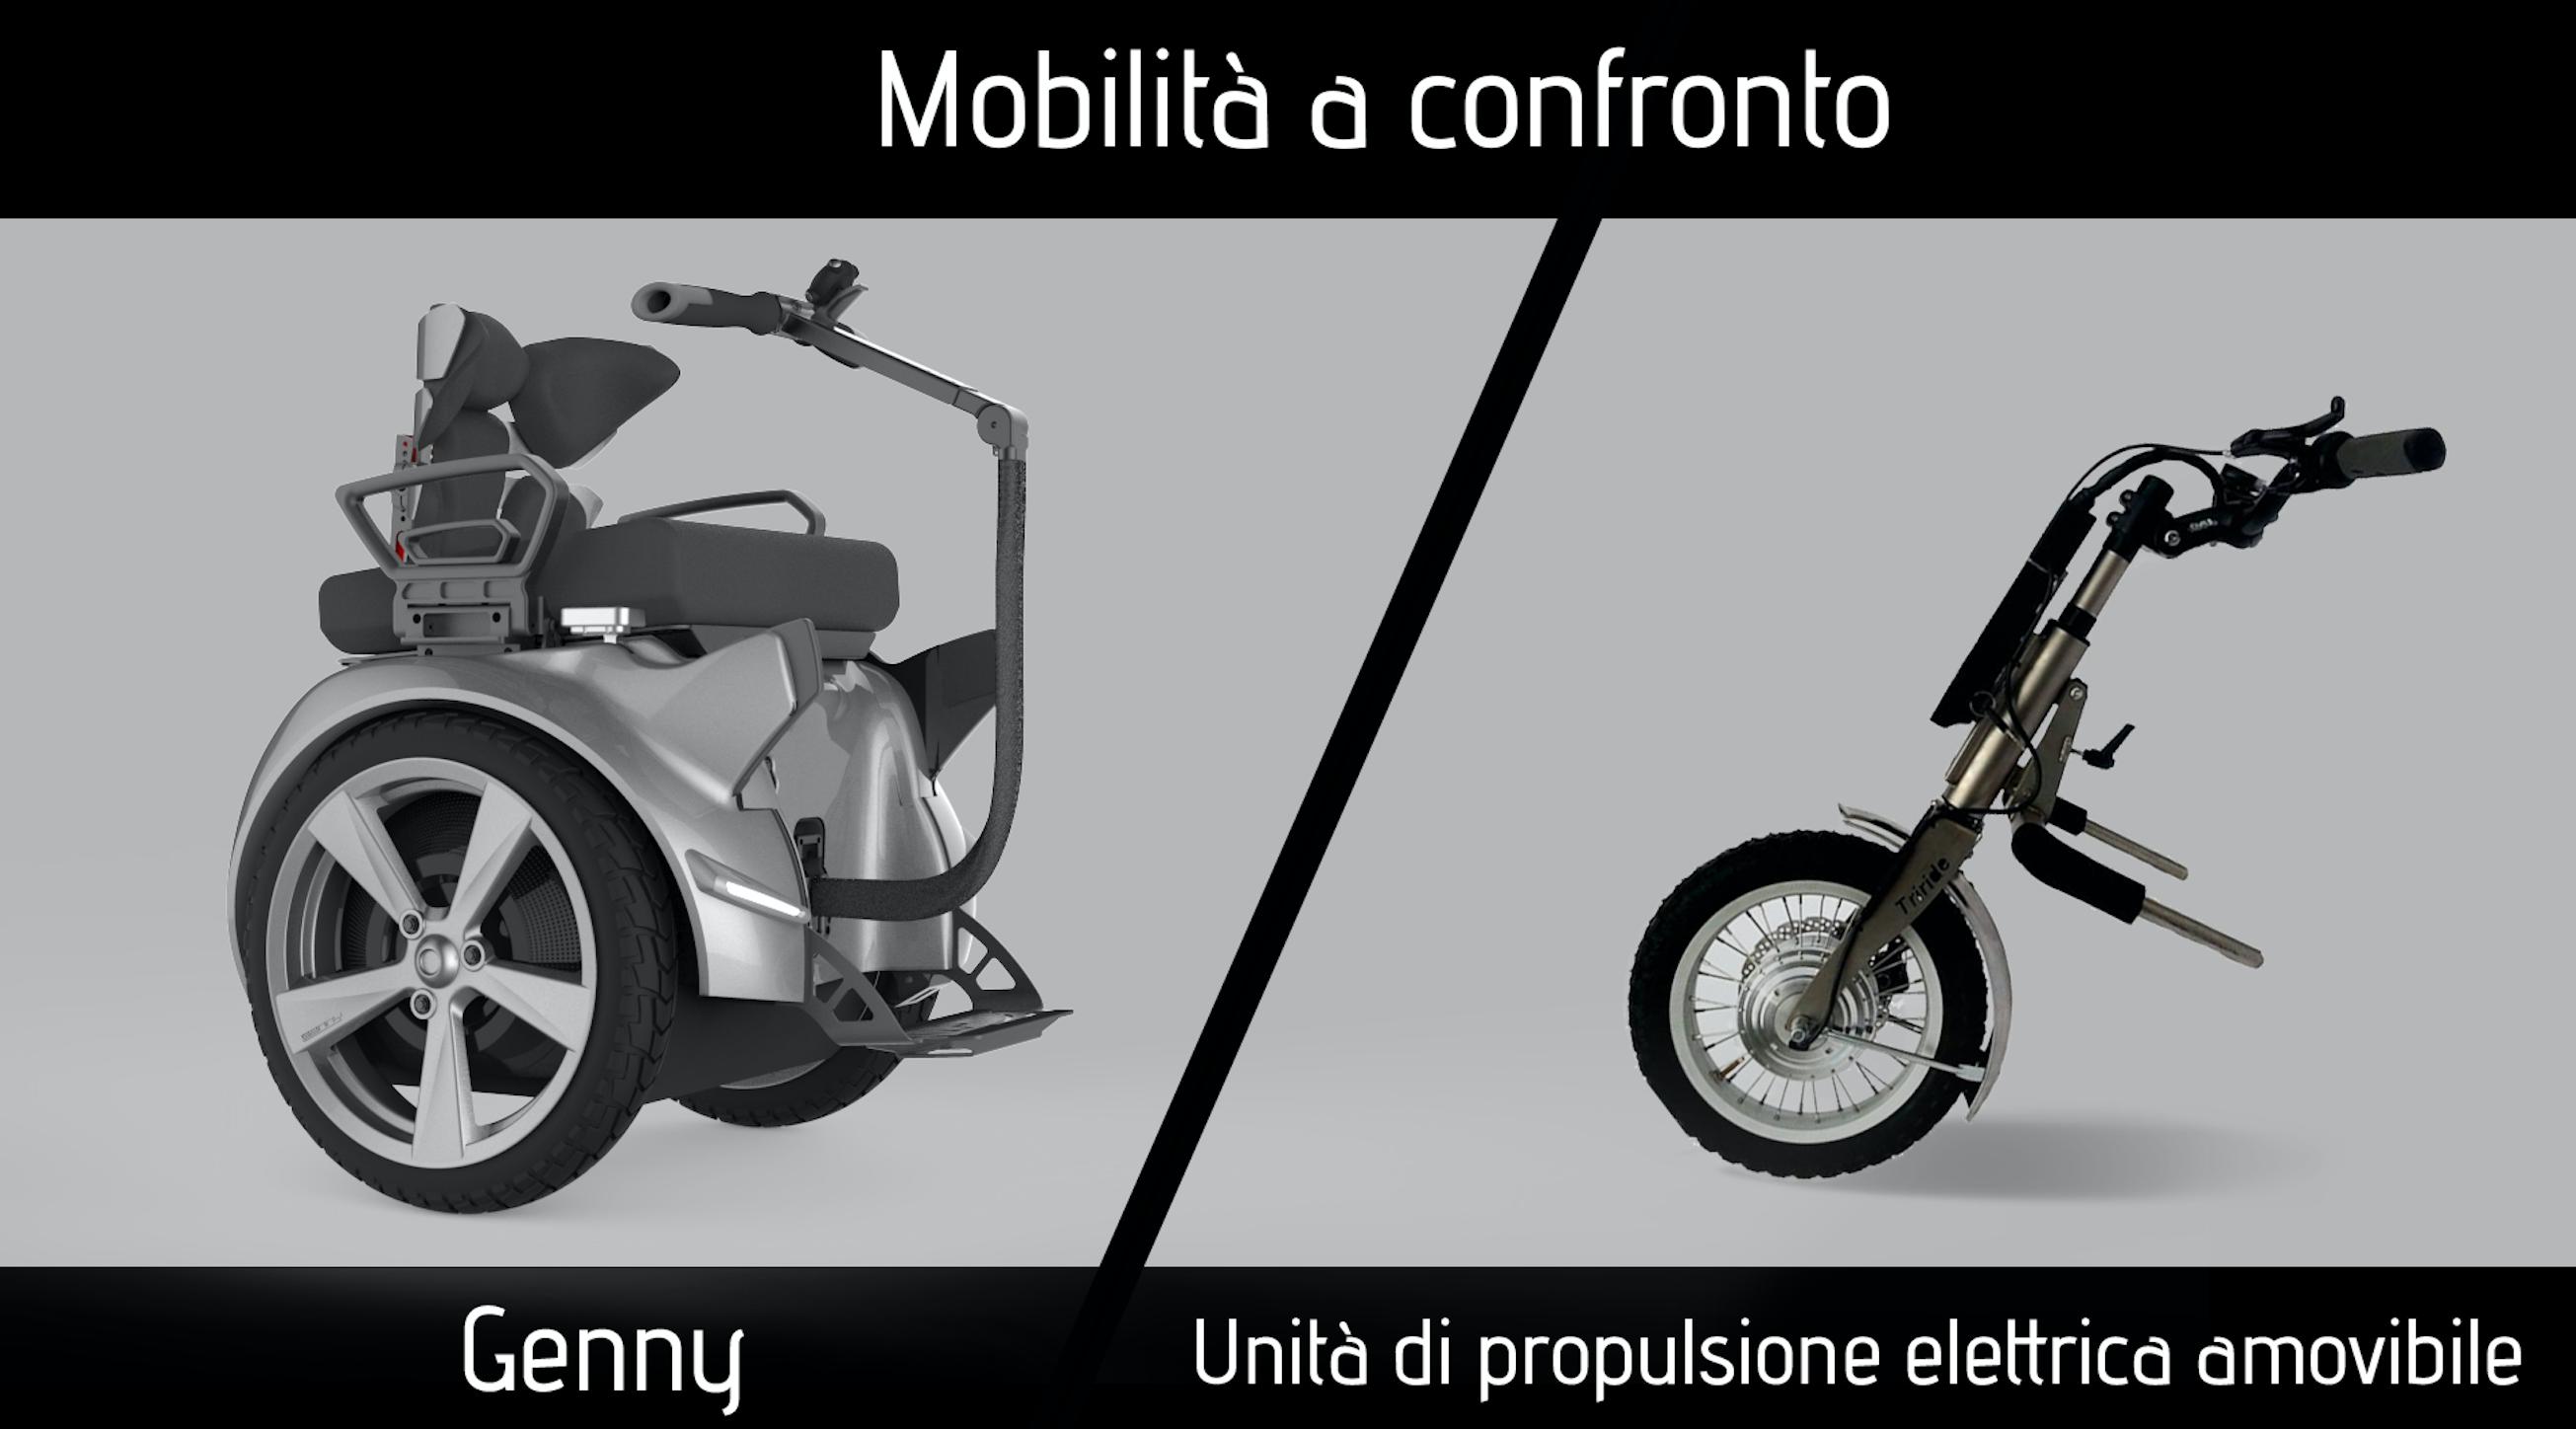 """Mobilità a confronto oggi abbiamo provato """"Unità di propulsione elettrica anteriore amovibile"""""""